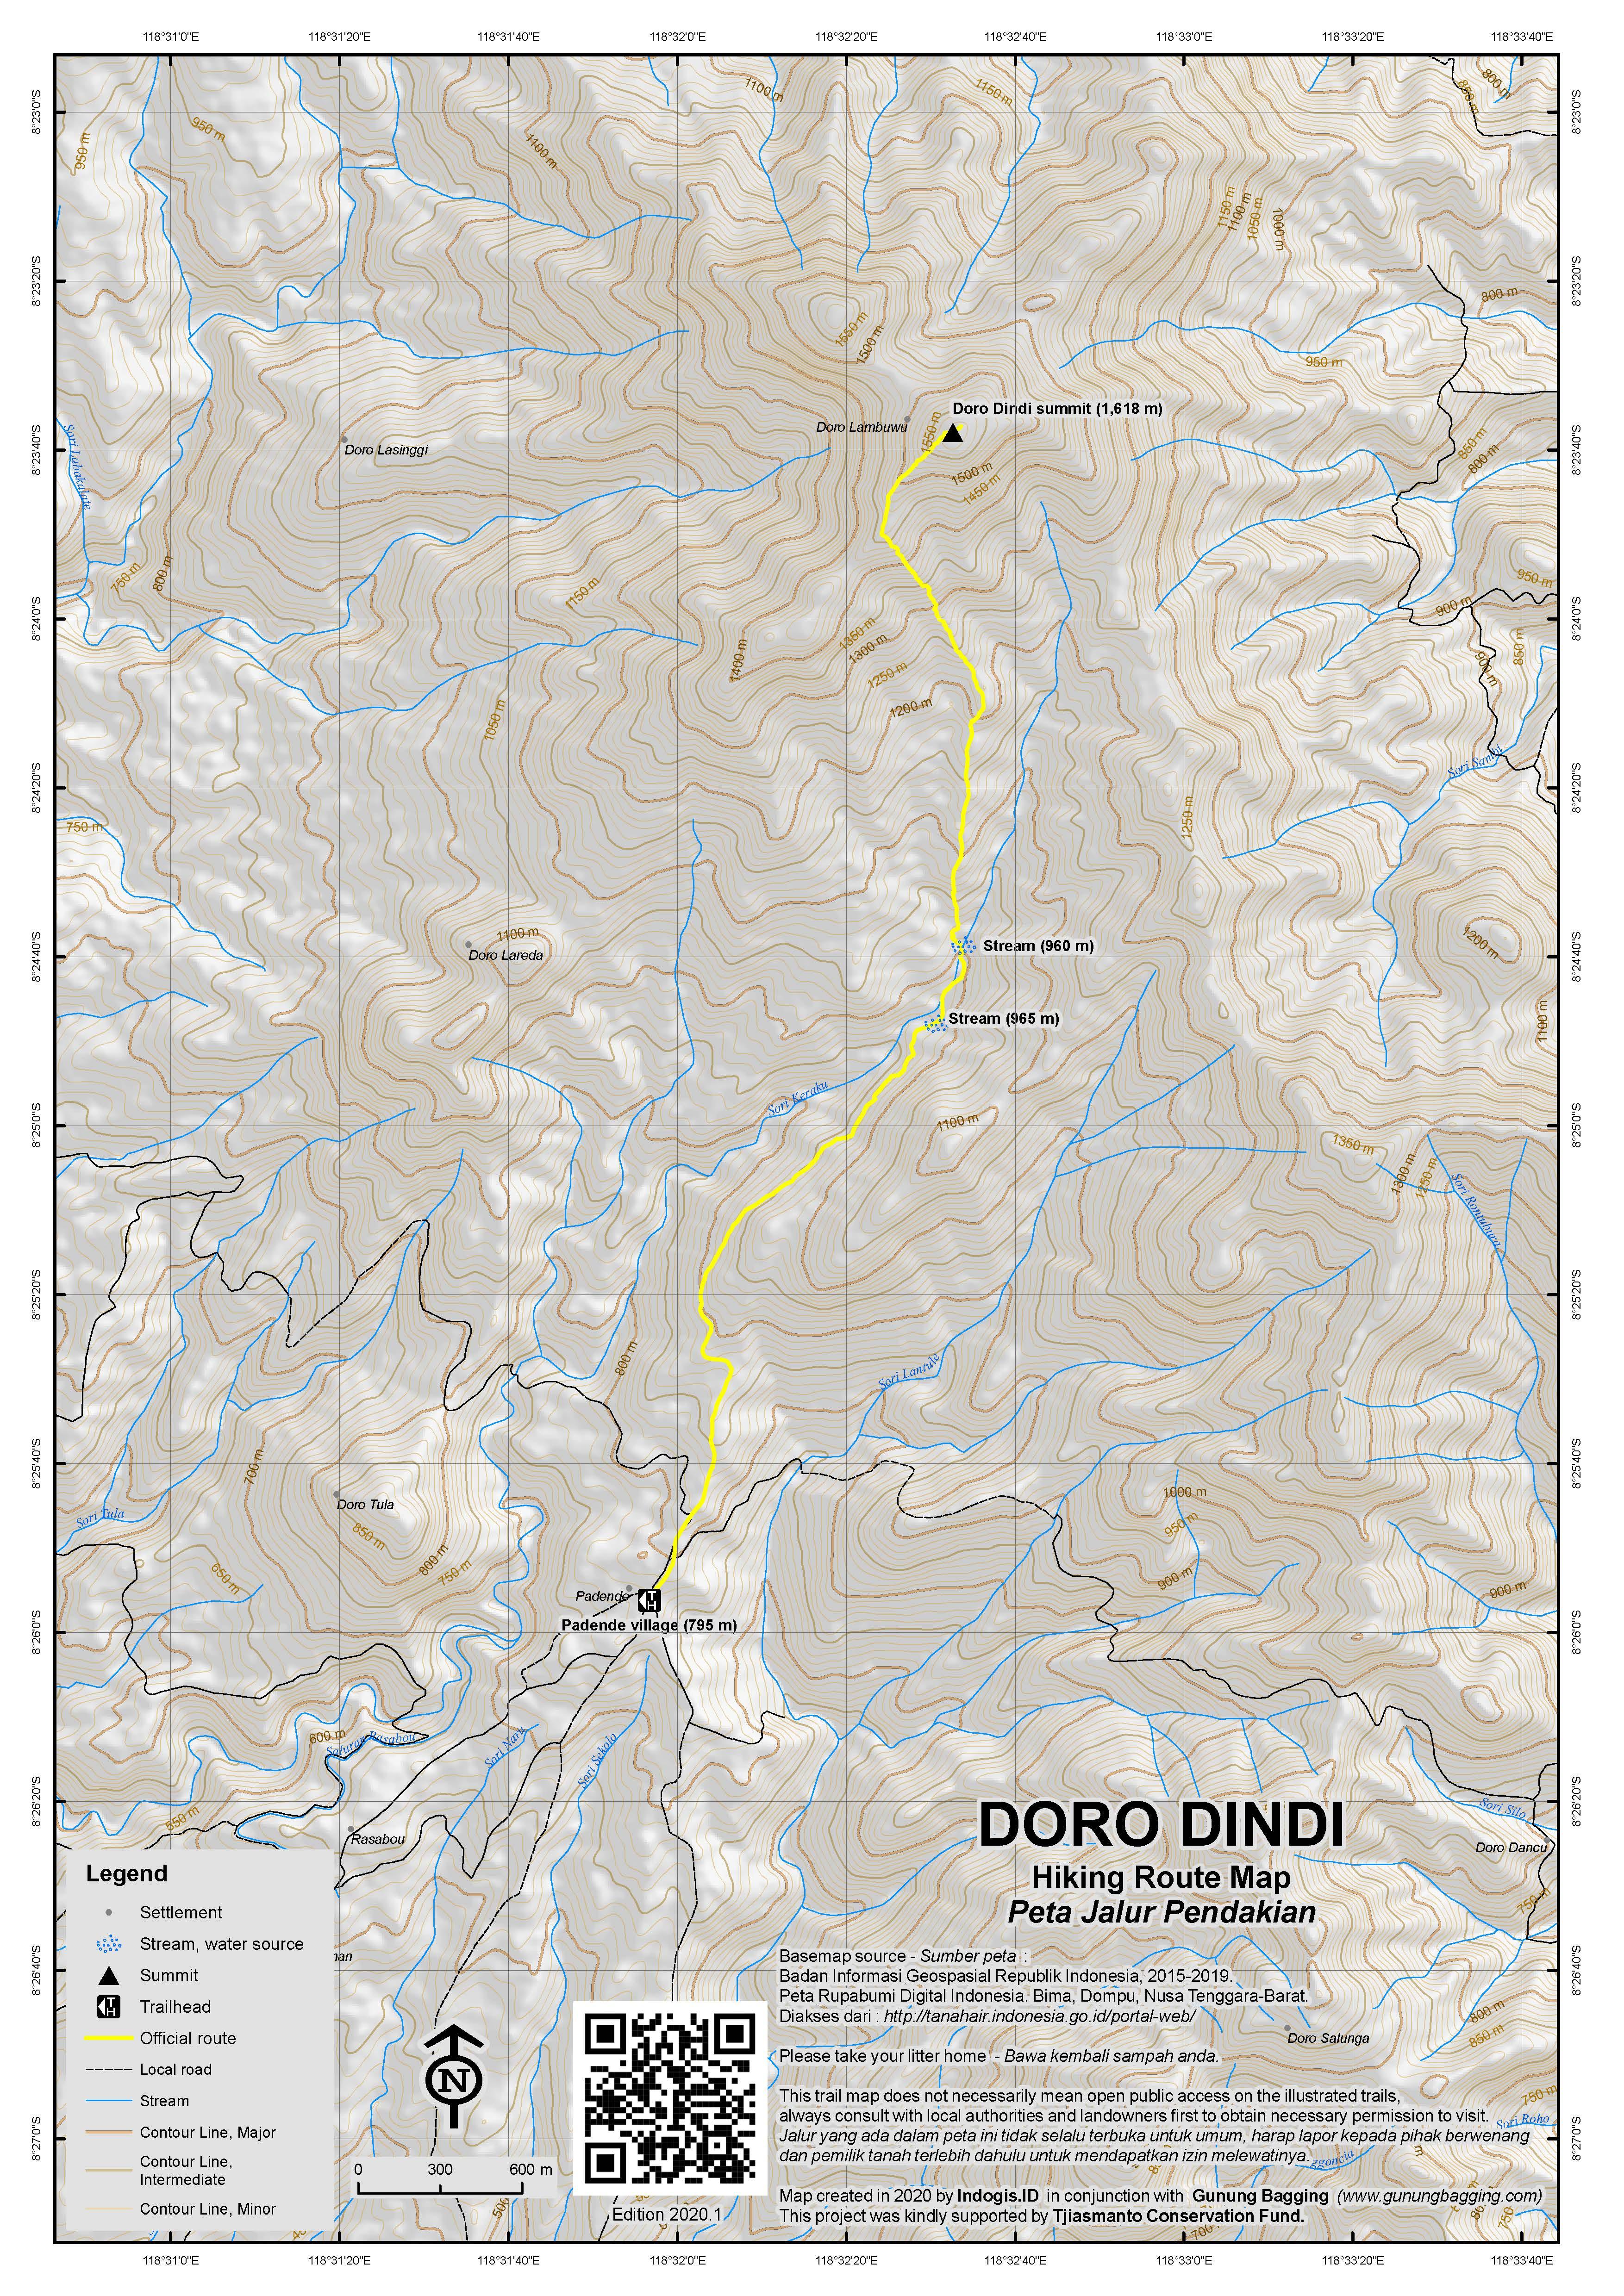 Peta Jalur Pendakian Doro Dindi